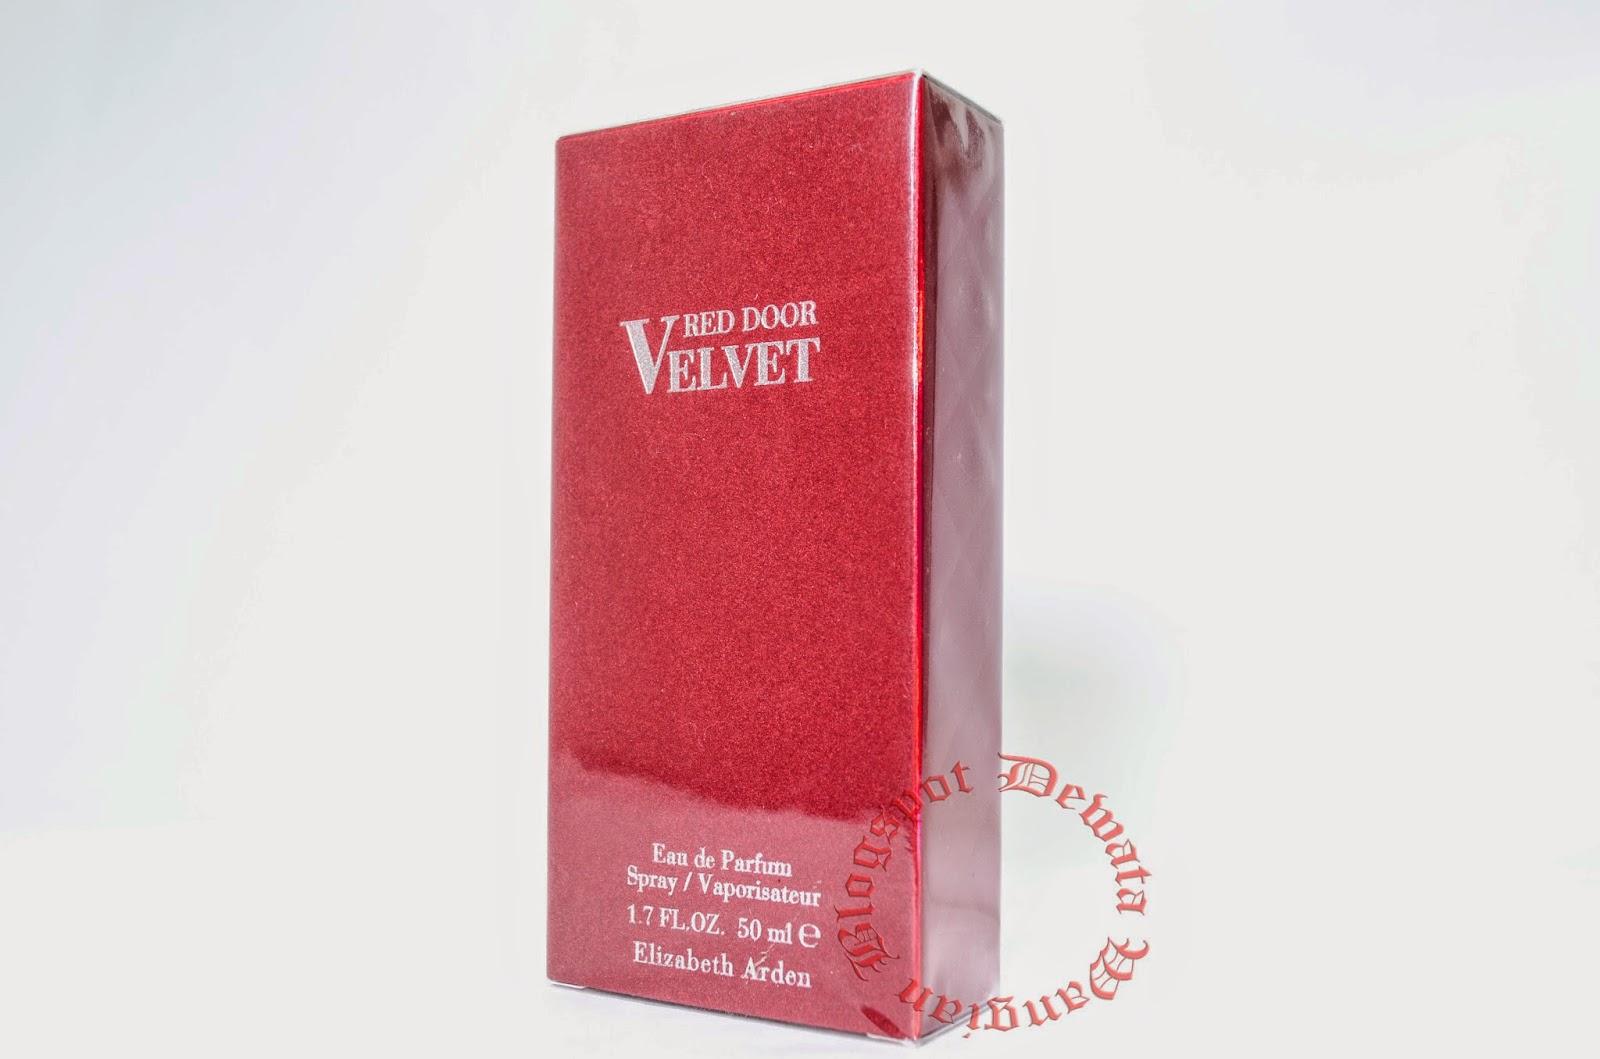 Wangianperfume Cosmetic Original Terbaik Red Door Velvet By